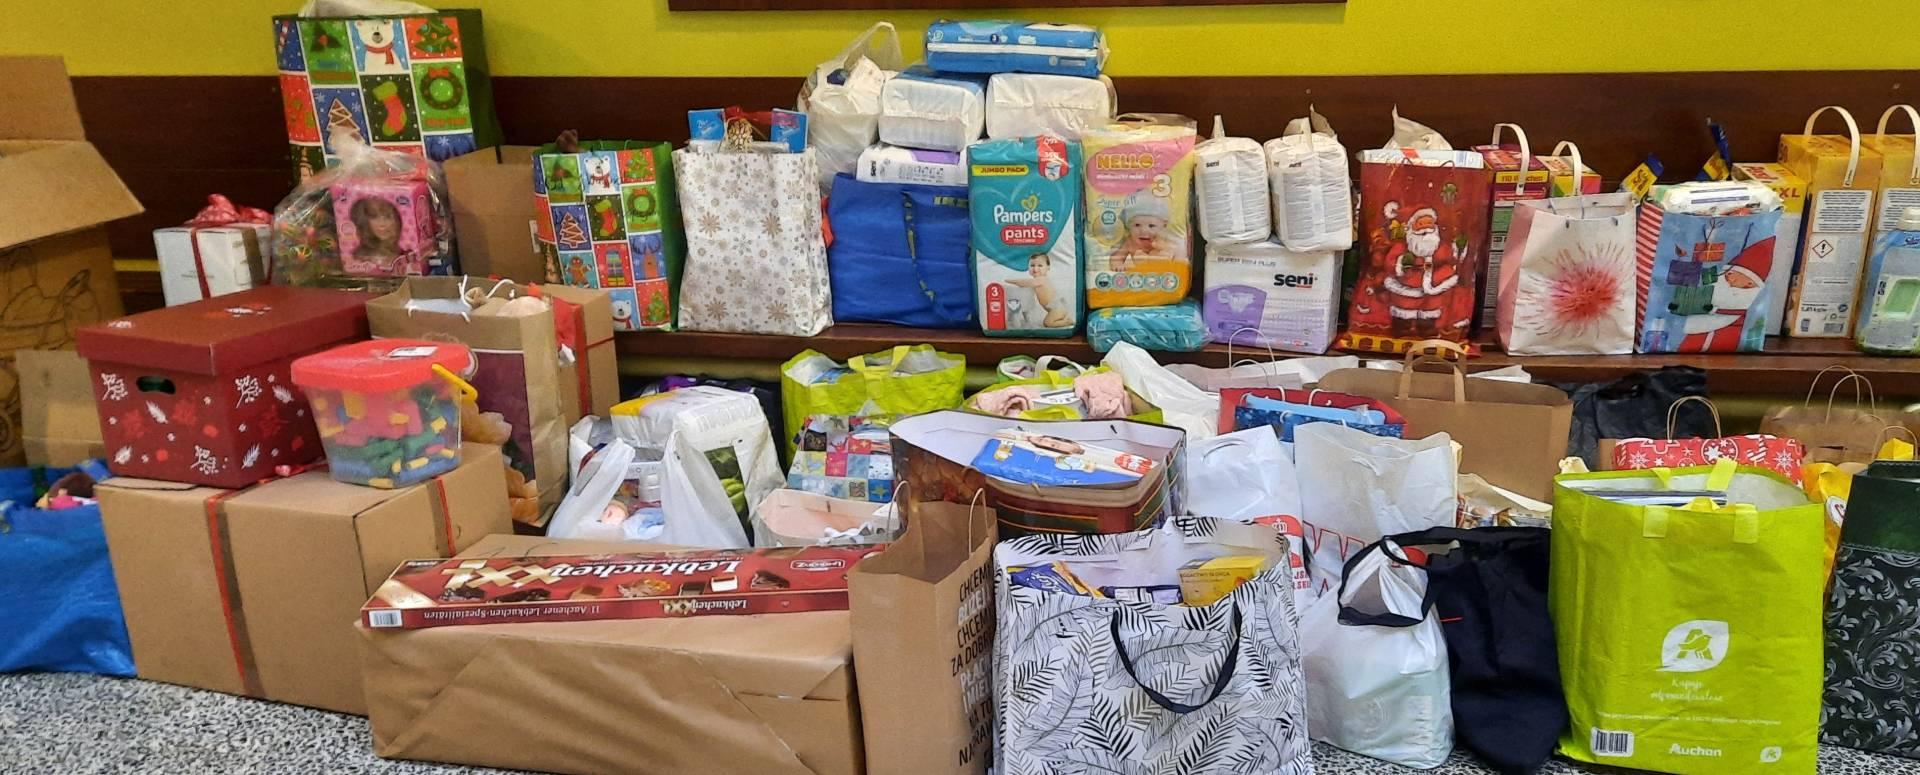 Dary dla Małopolskiego Hospicjum dla Dzieci – dostarczone. Dziękujemy za zaangażowanie!